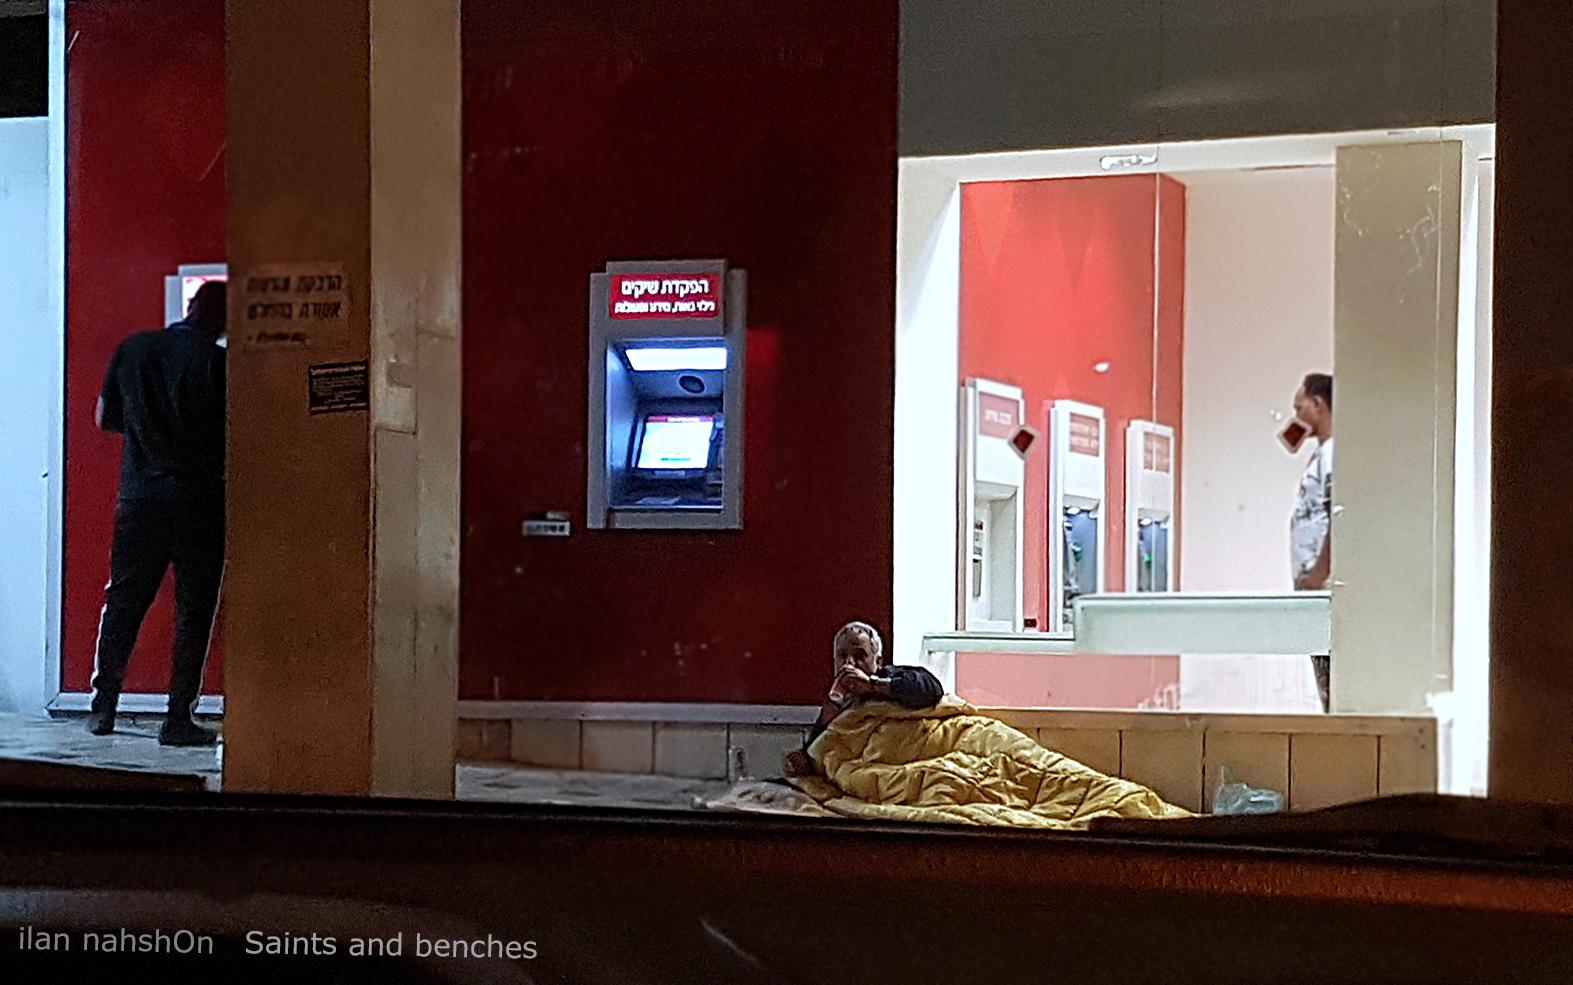 Israel Saint and Bank